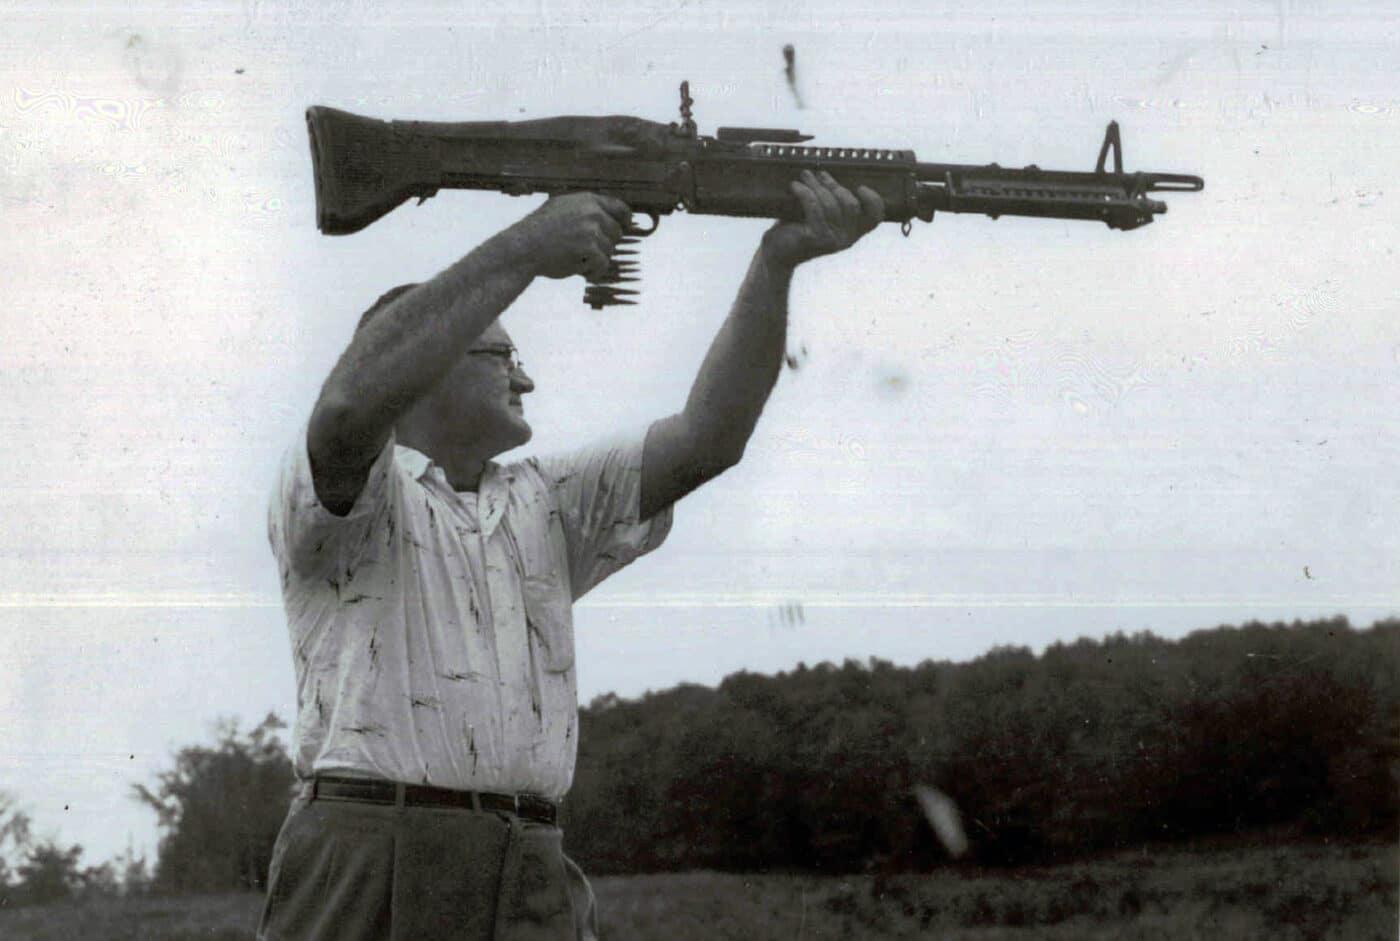 Man testing M60 in 1959